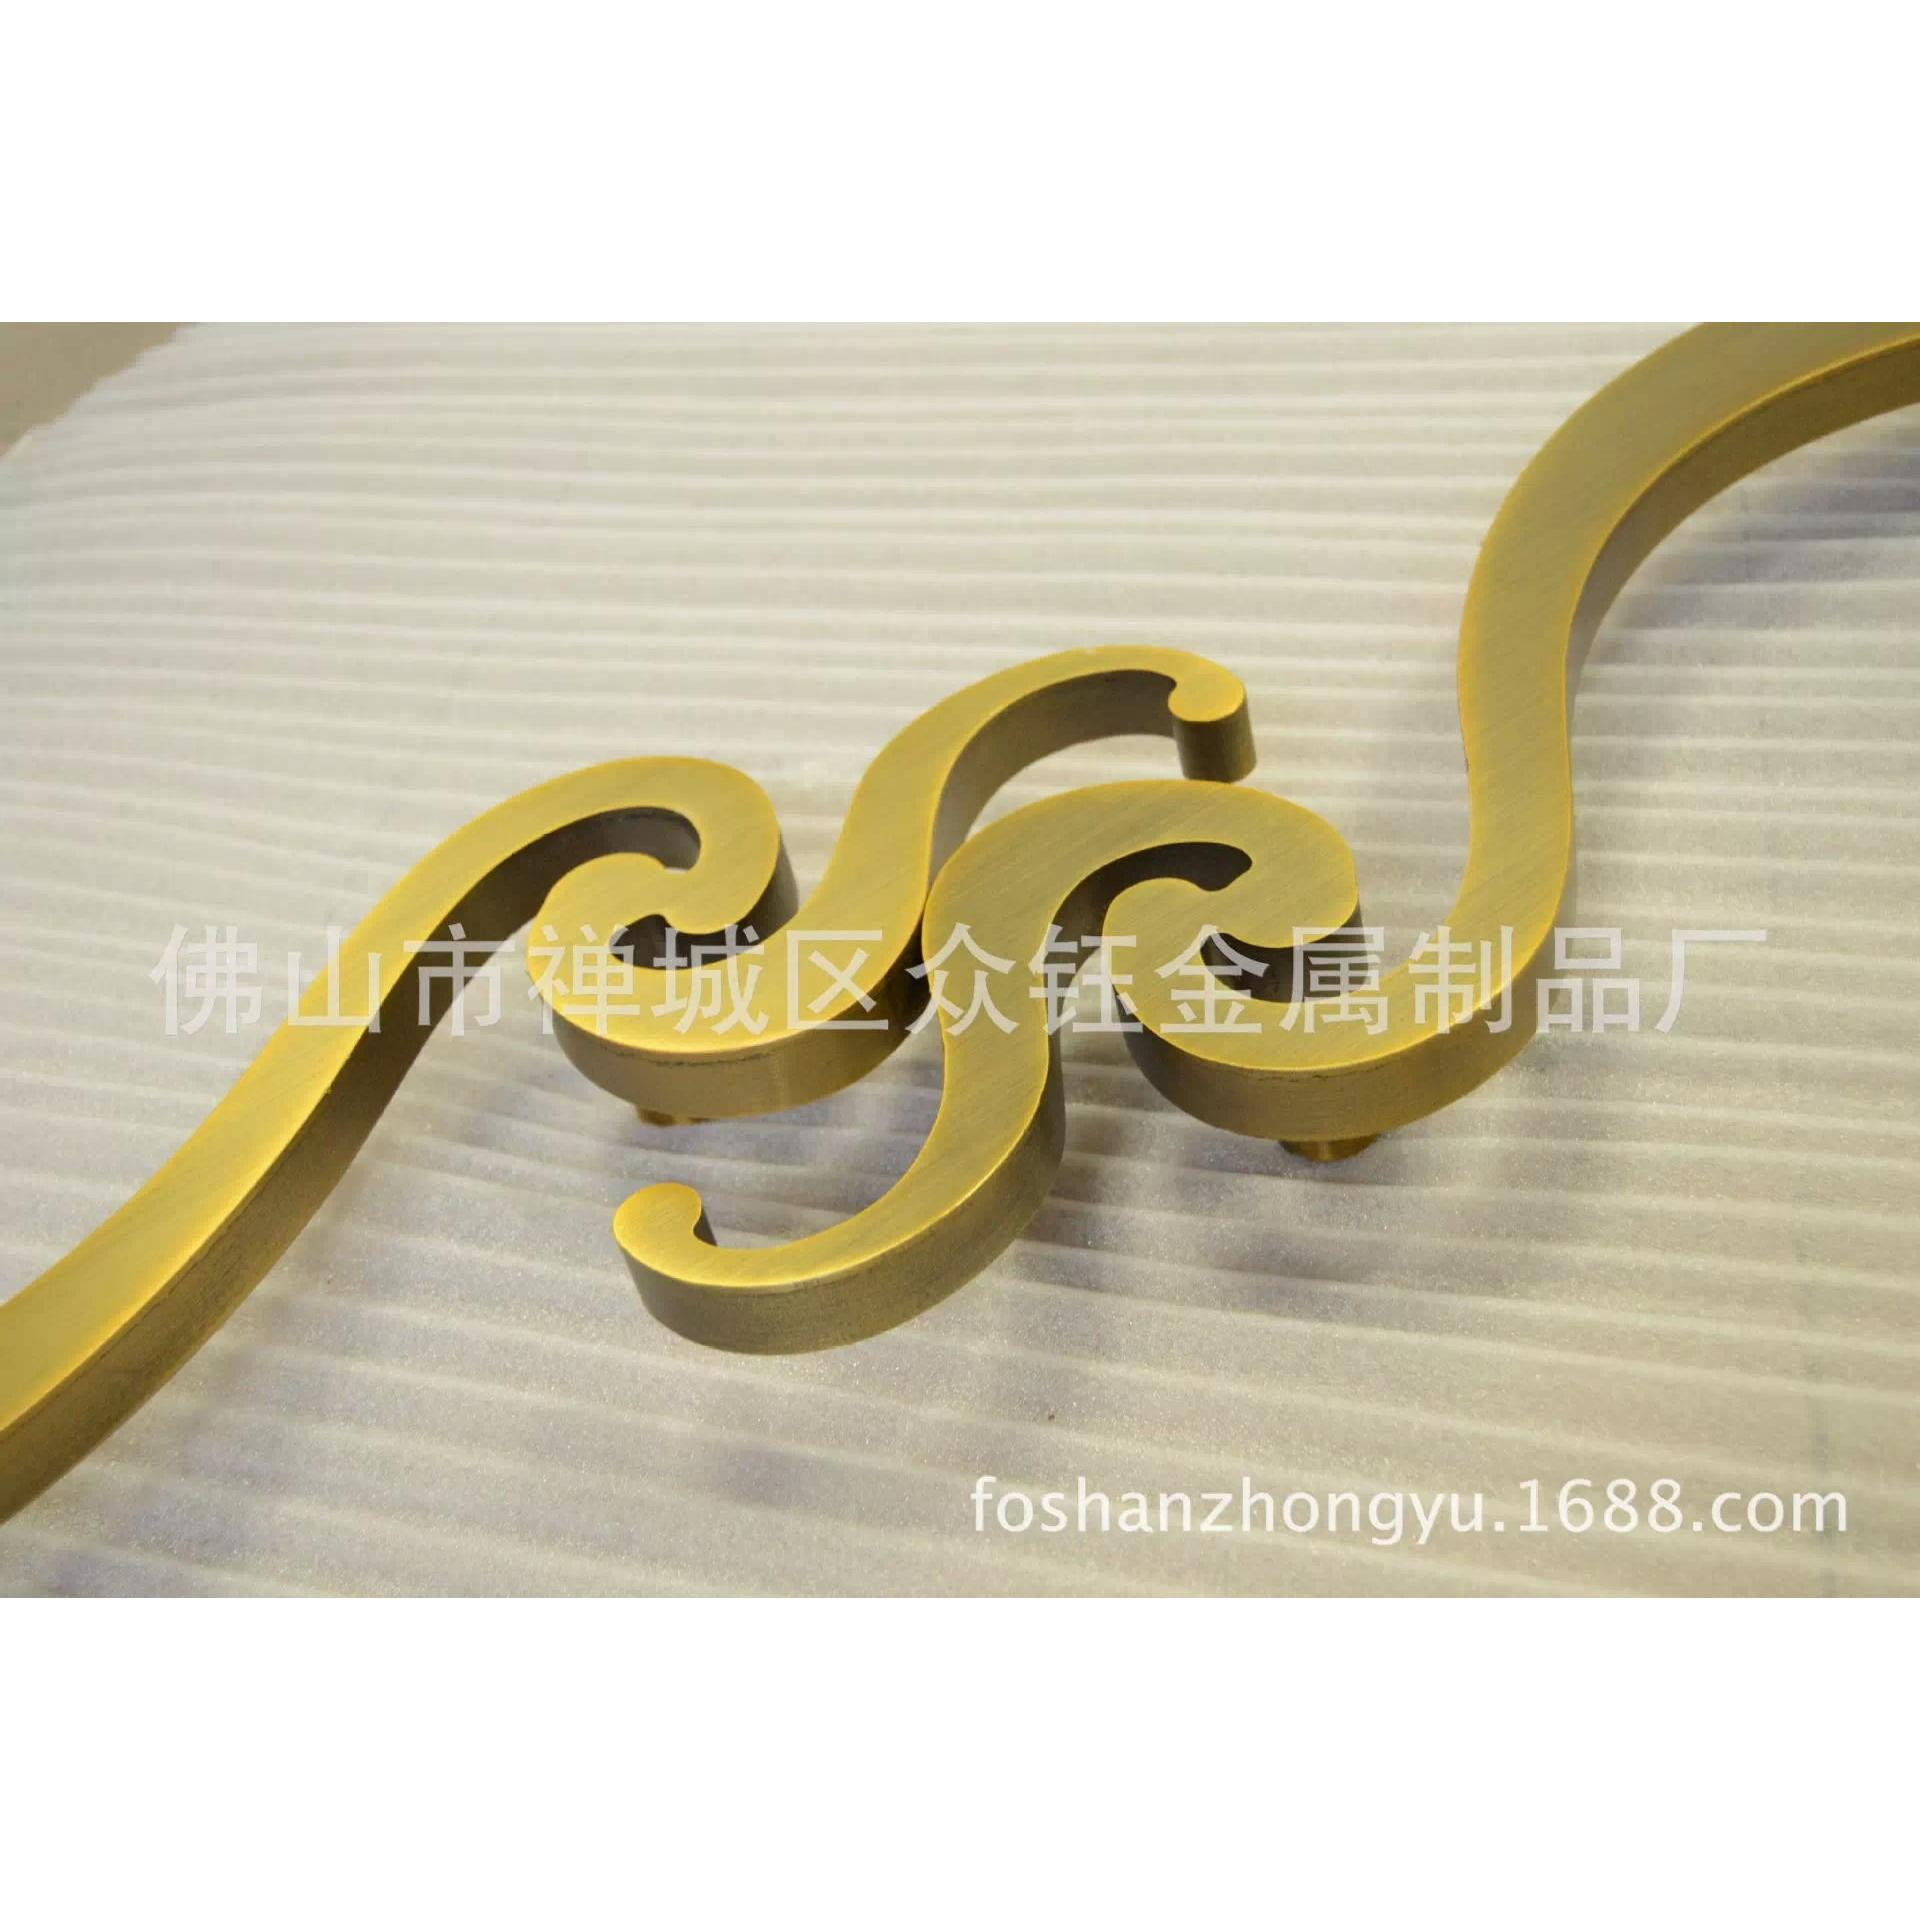 古铜木门半圆形雕刻拉手批发价格